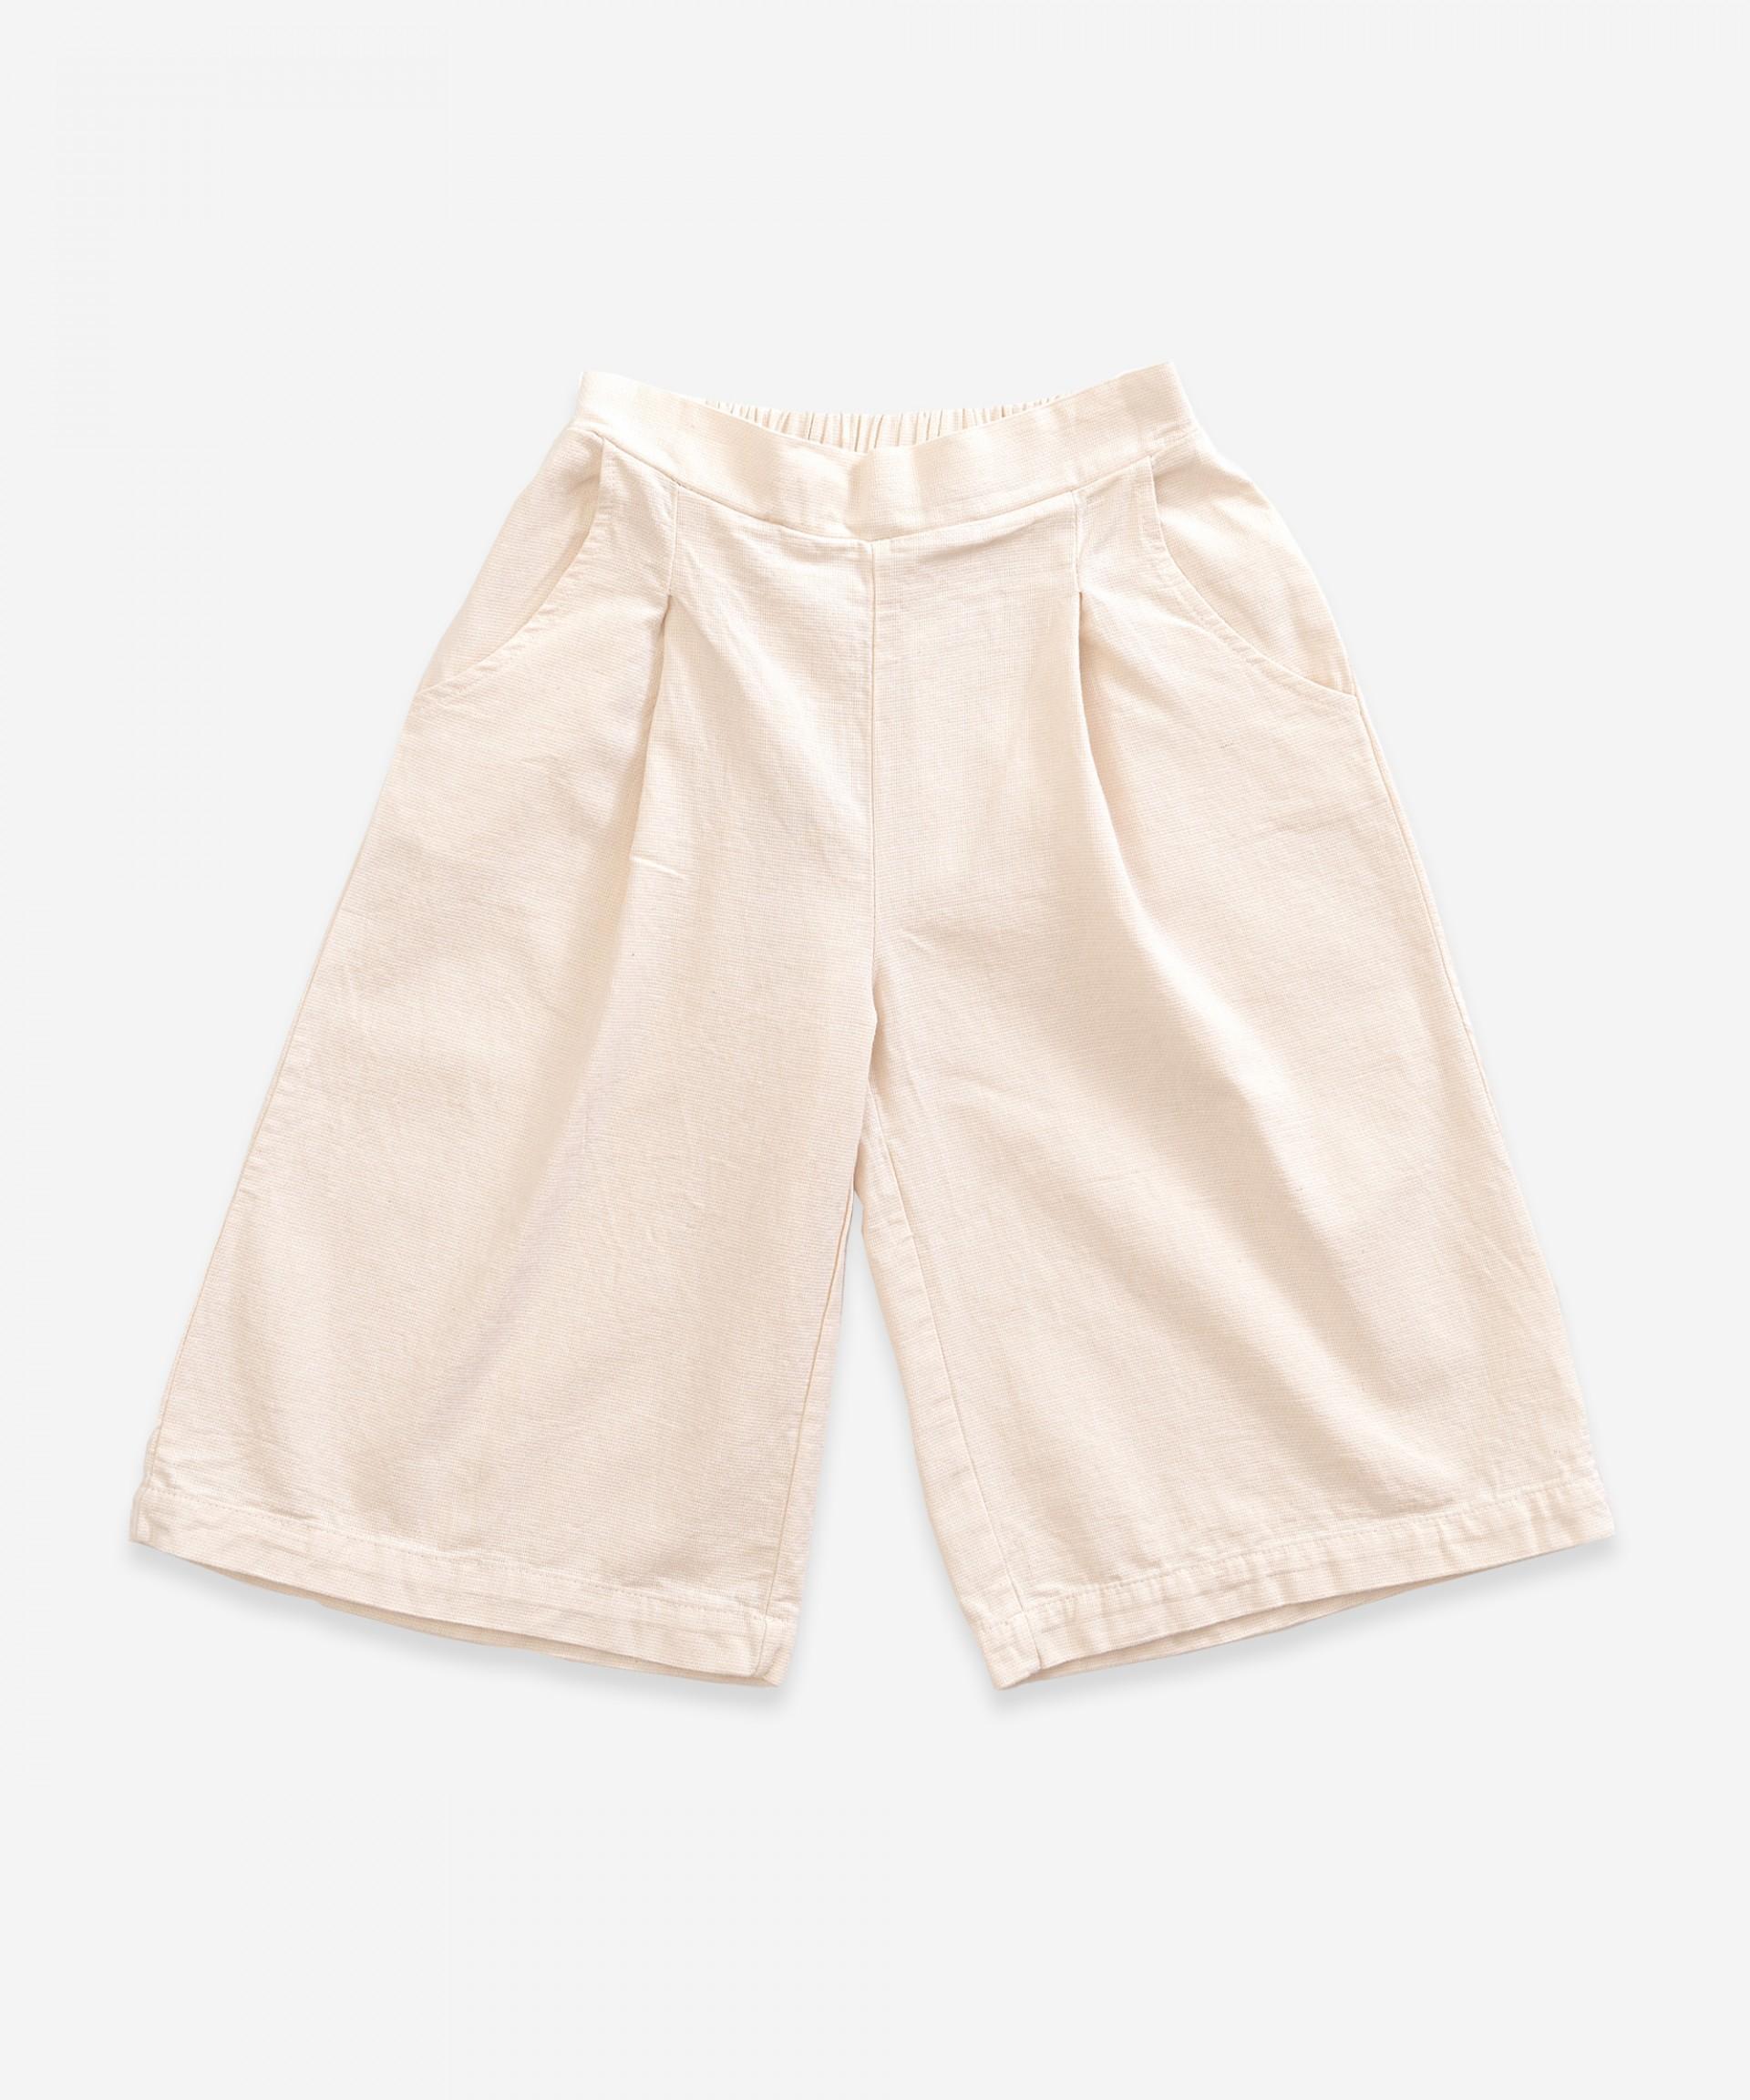 Pantaloni in twill con elastico in vita | Weaving